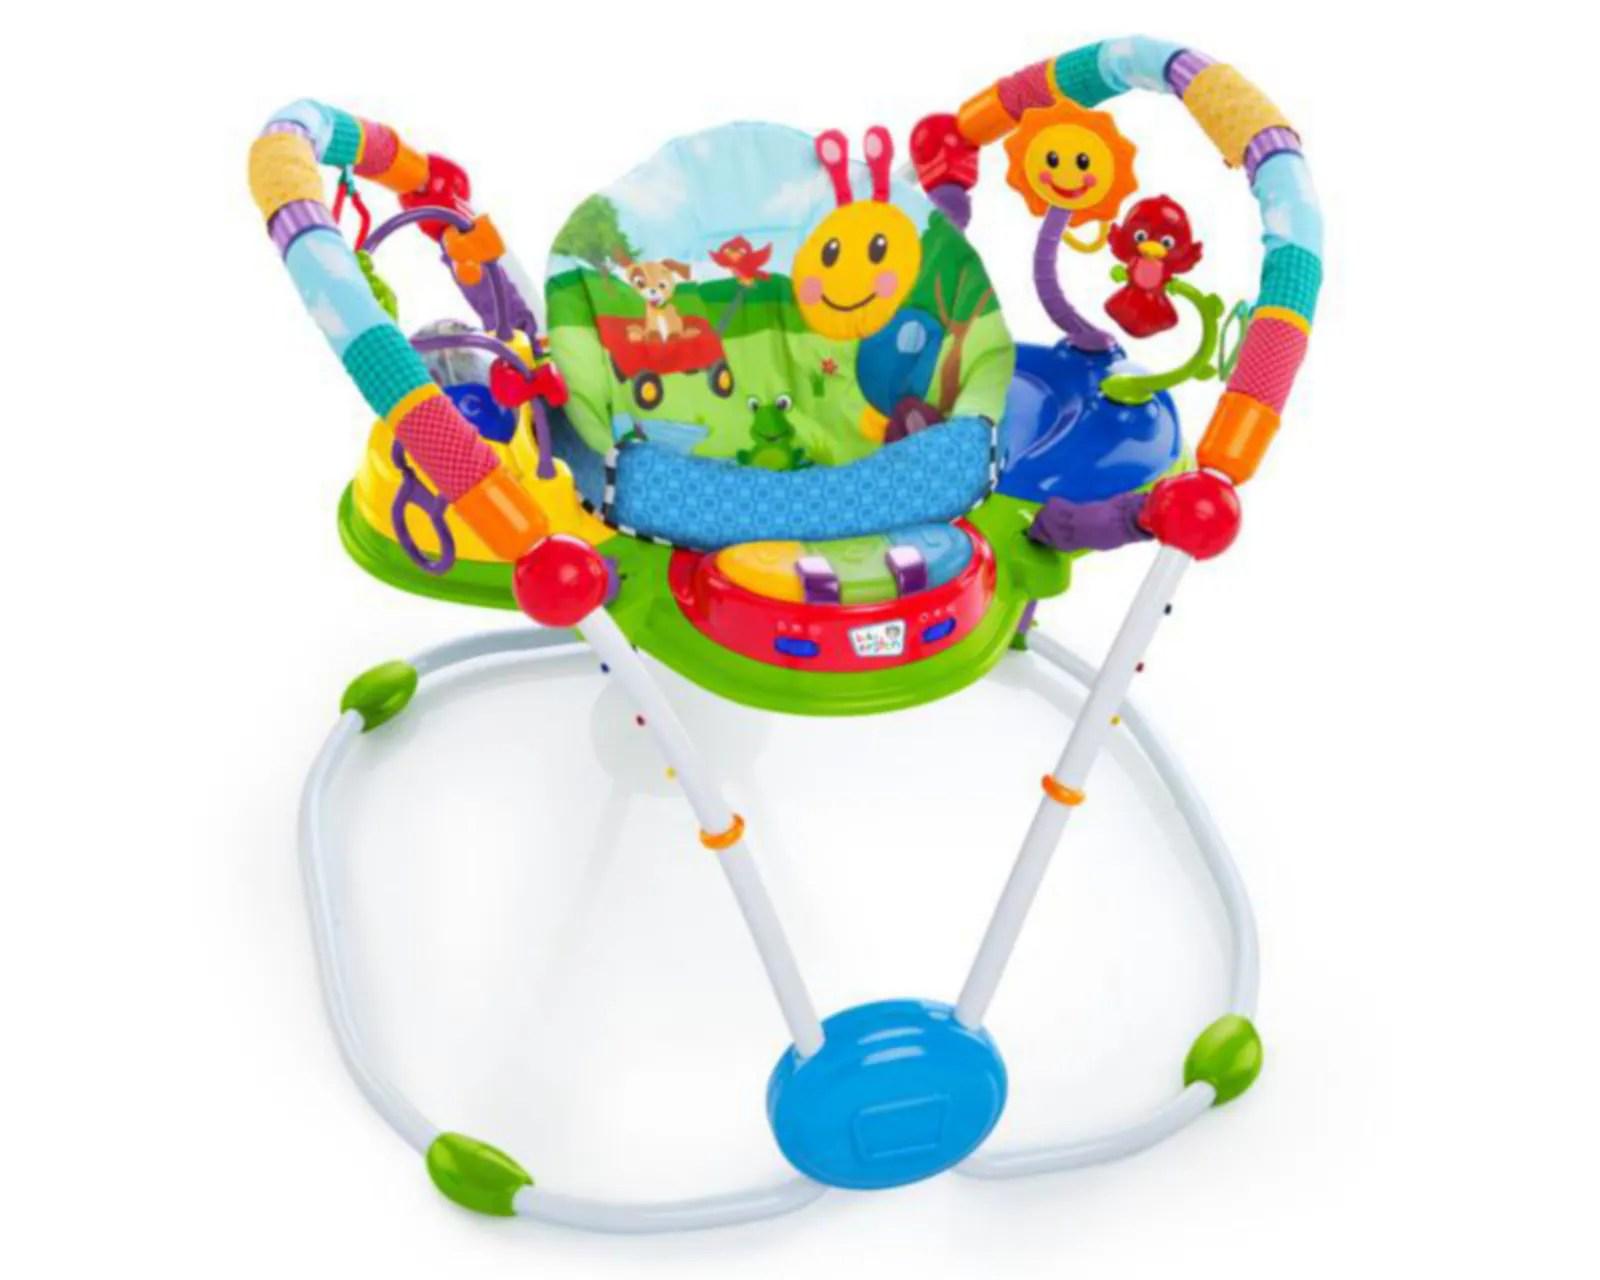 Ejercitador Baby Einstein Jumper 60184 5262743  Coppel